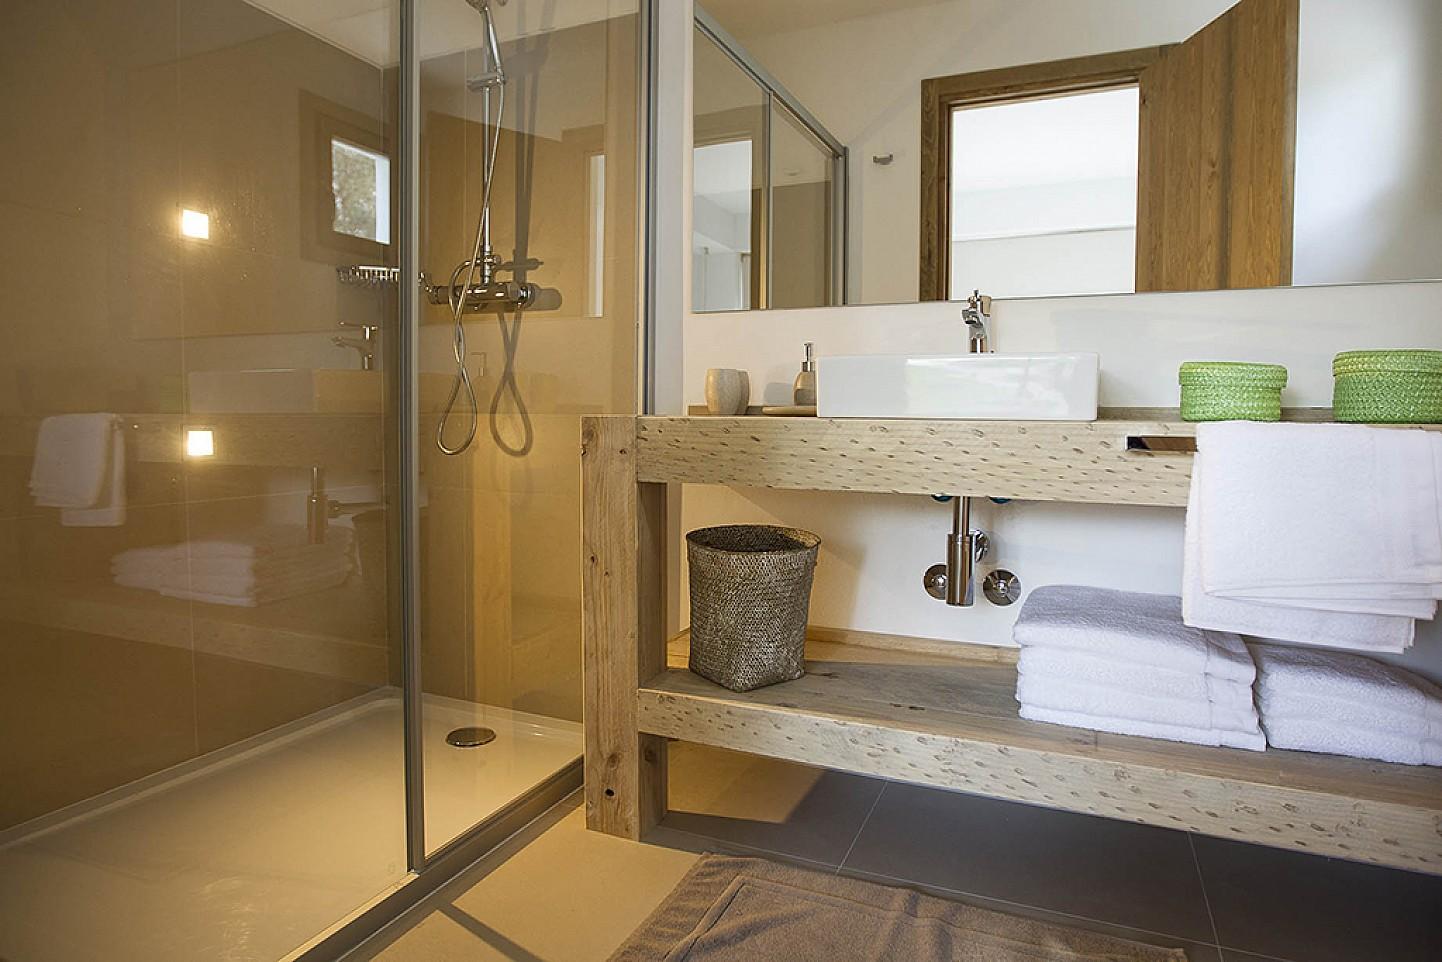 Bany complet amb dutxa